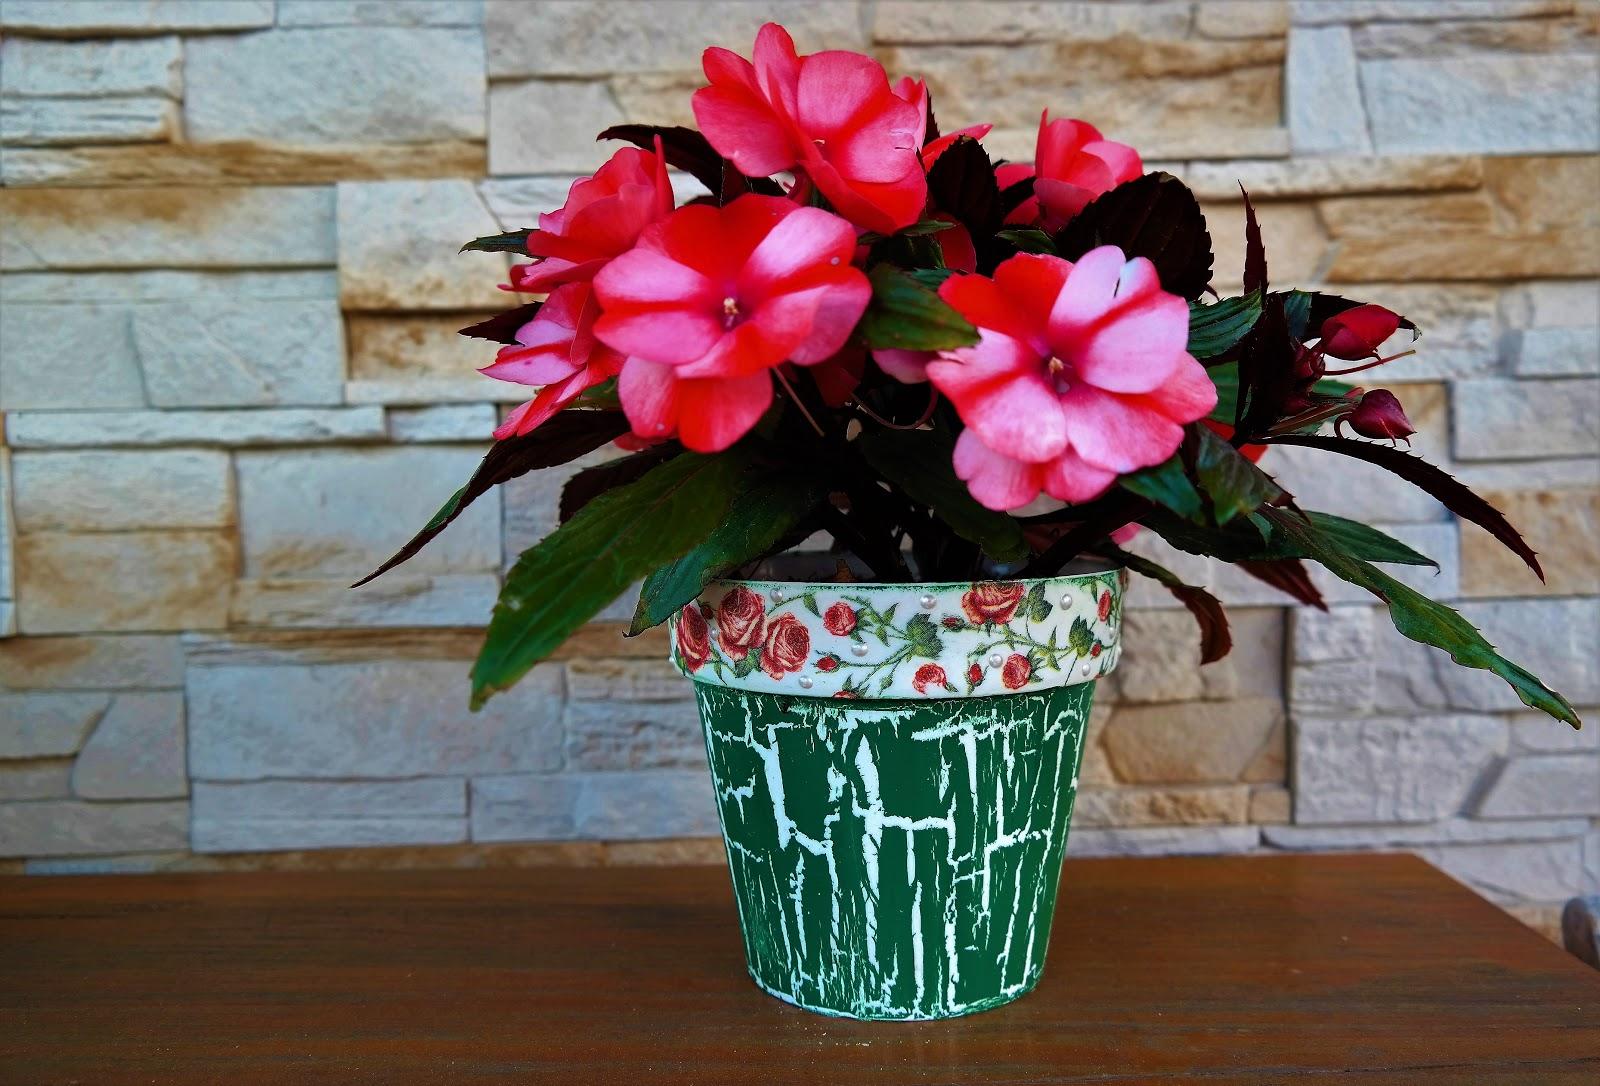 Doniczka z różyczkami - spękania jednoskładnikowe - DIY